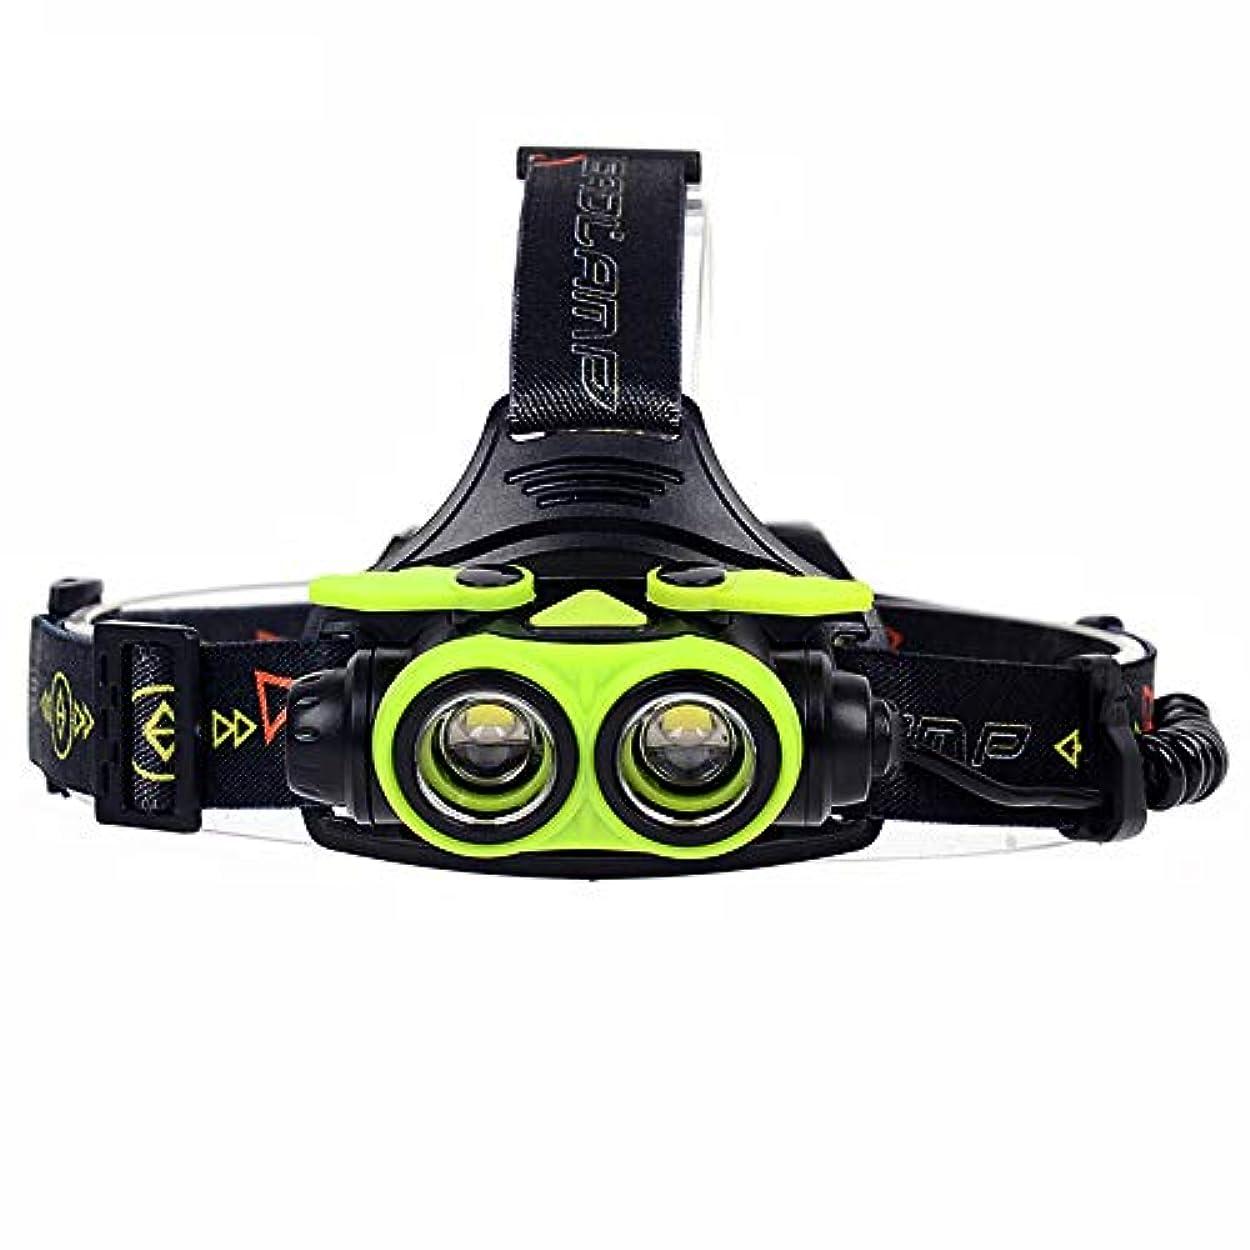 調和帰するスカイズーム LED のヘッドランプ, 6000Lm 2X XM-L2 USB ヘッドライトのヘッド?ライトの釣キャンプの軽い使用 AA/18650 充電式電池